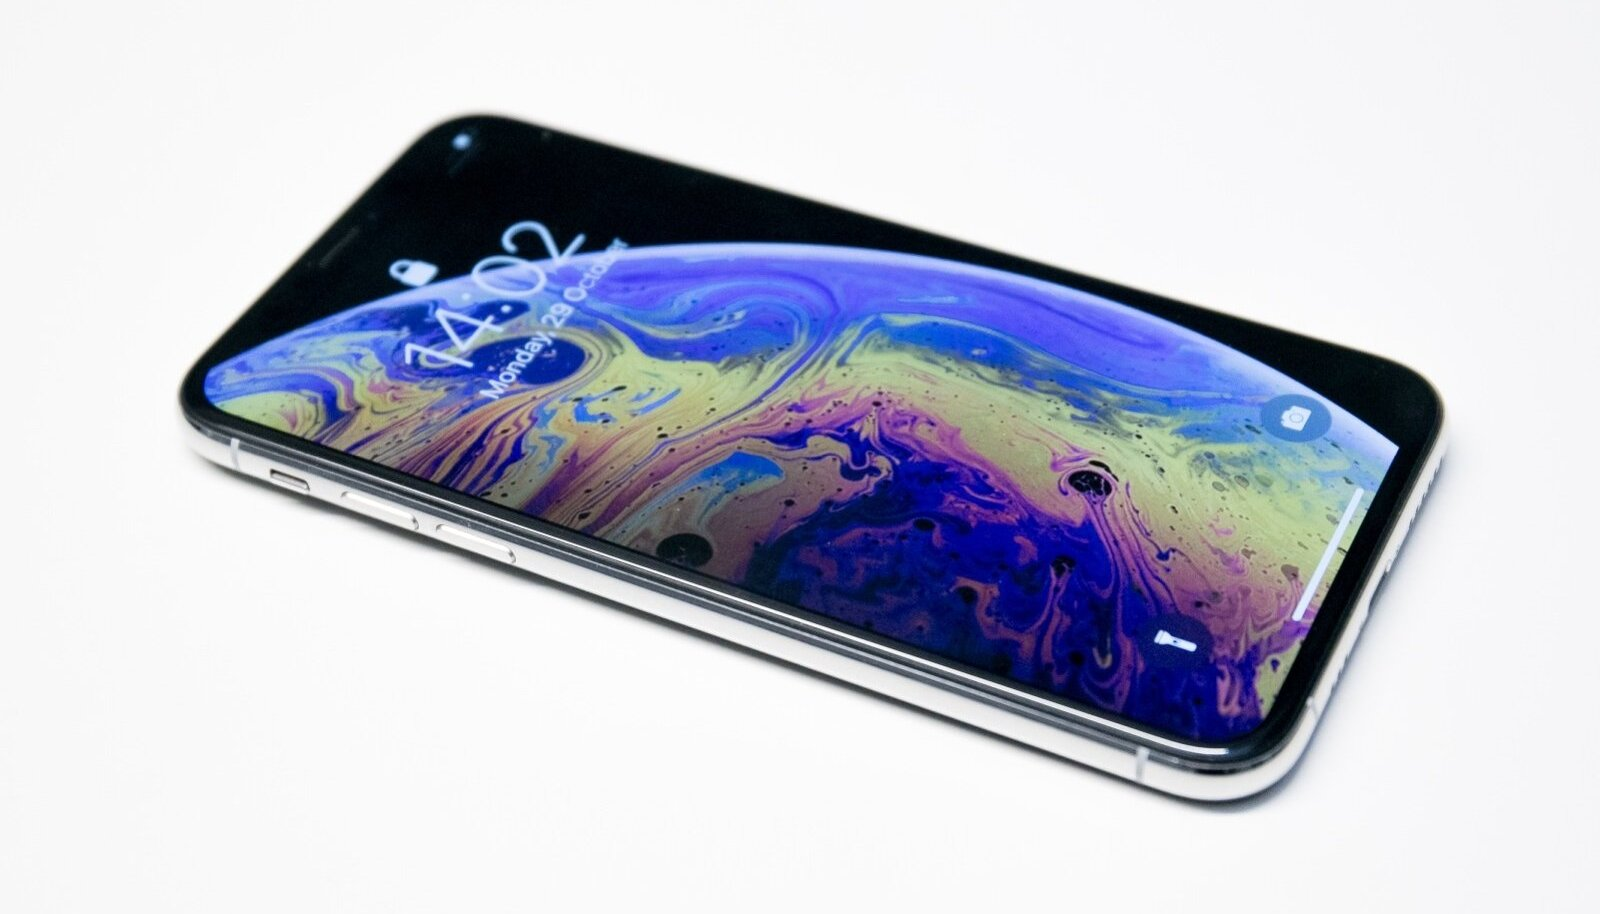 Uus iPhone XS